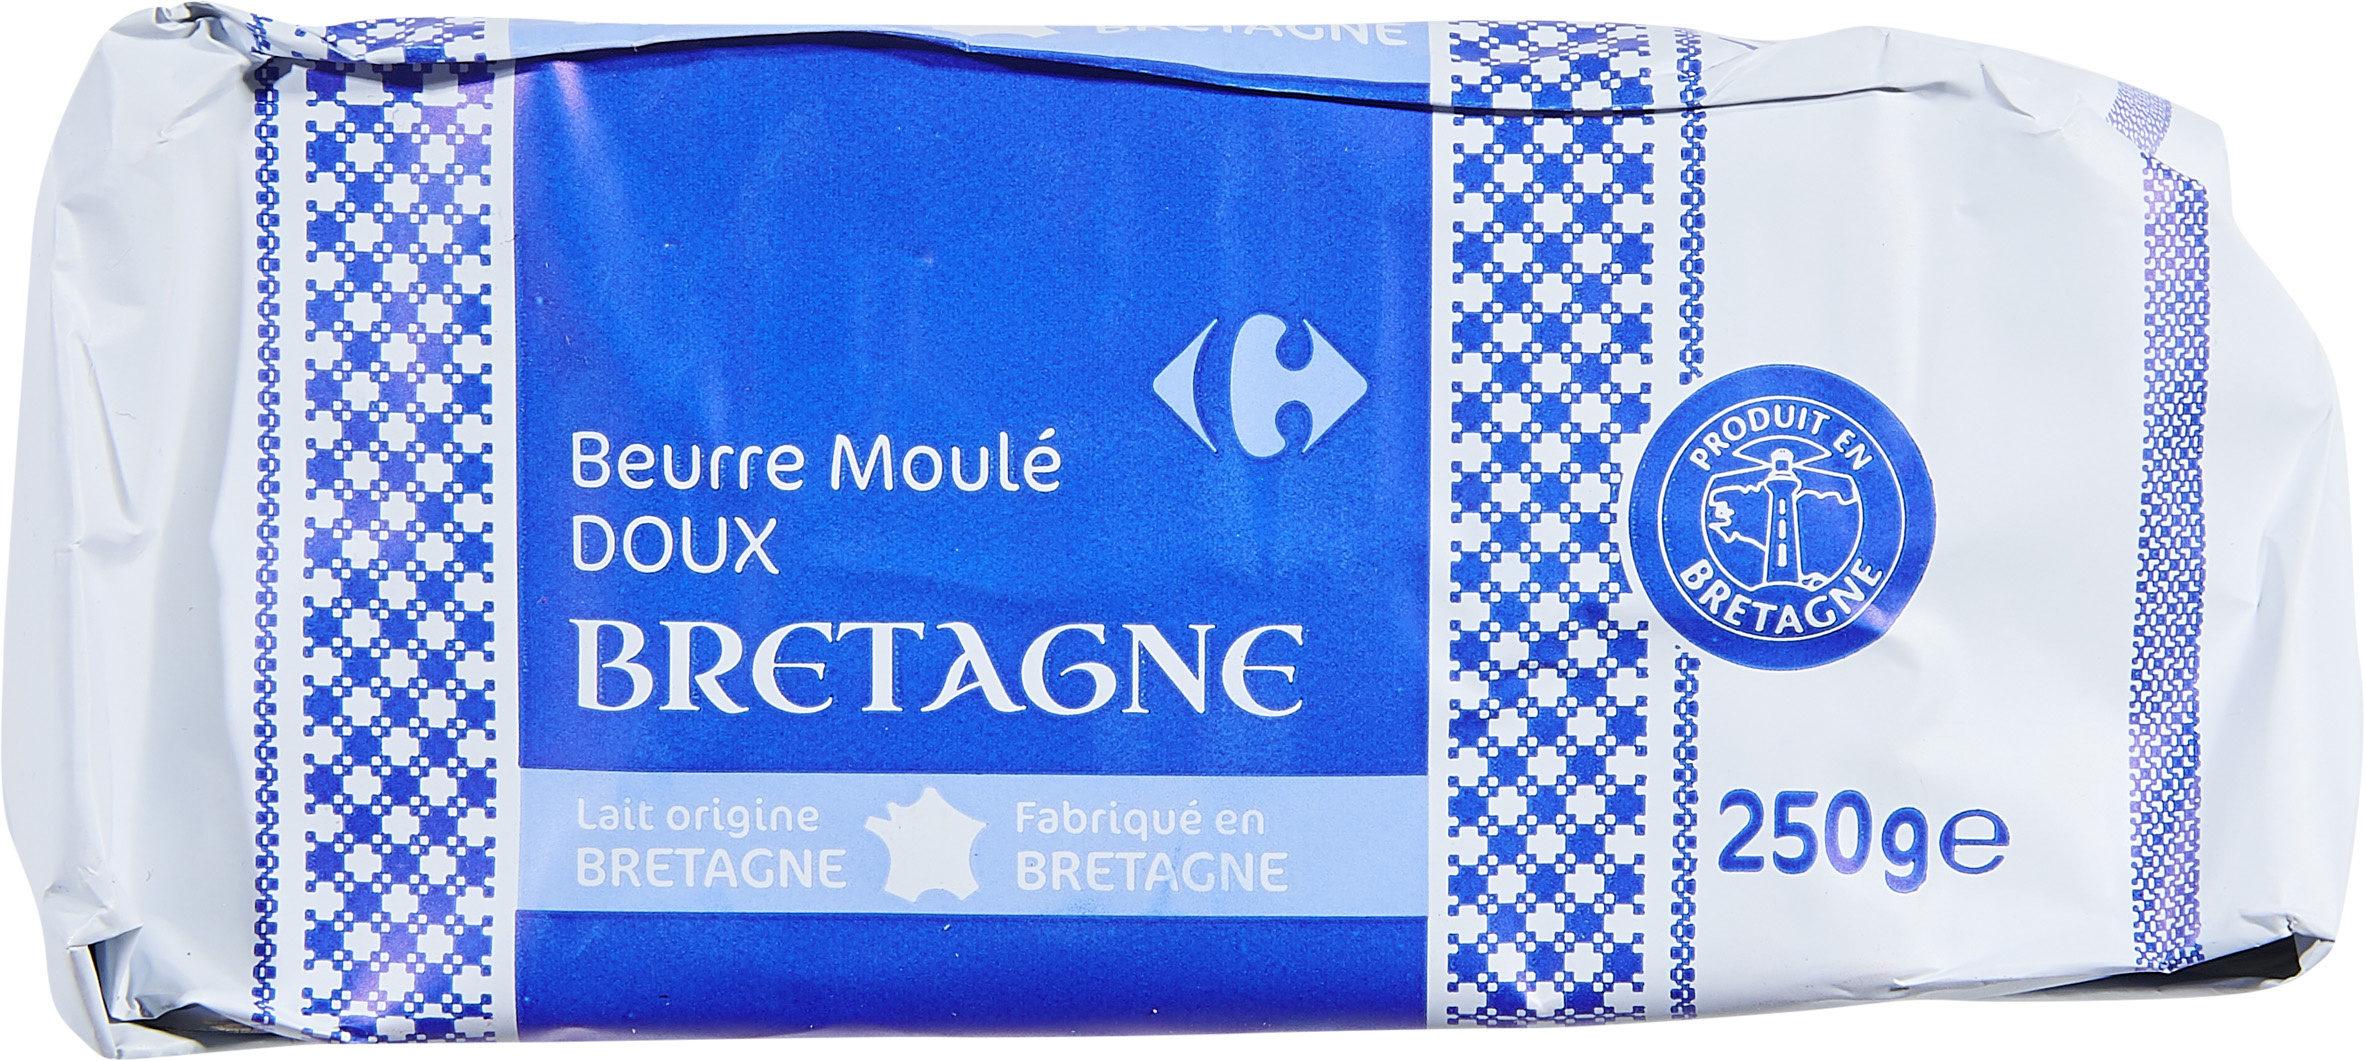 Beurre Moulé Doux Bretagne - Product